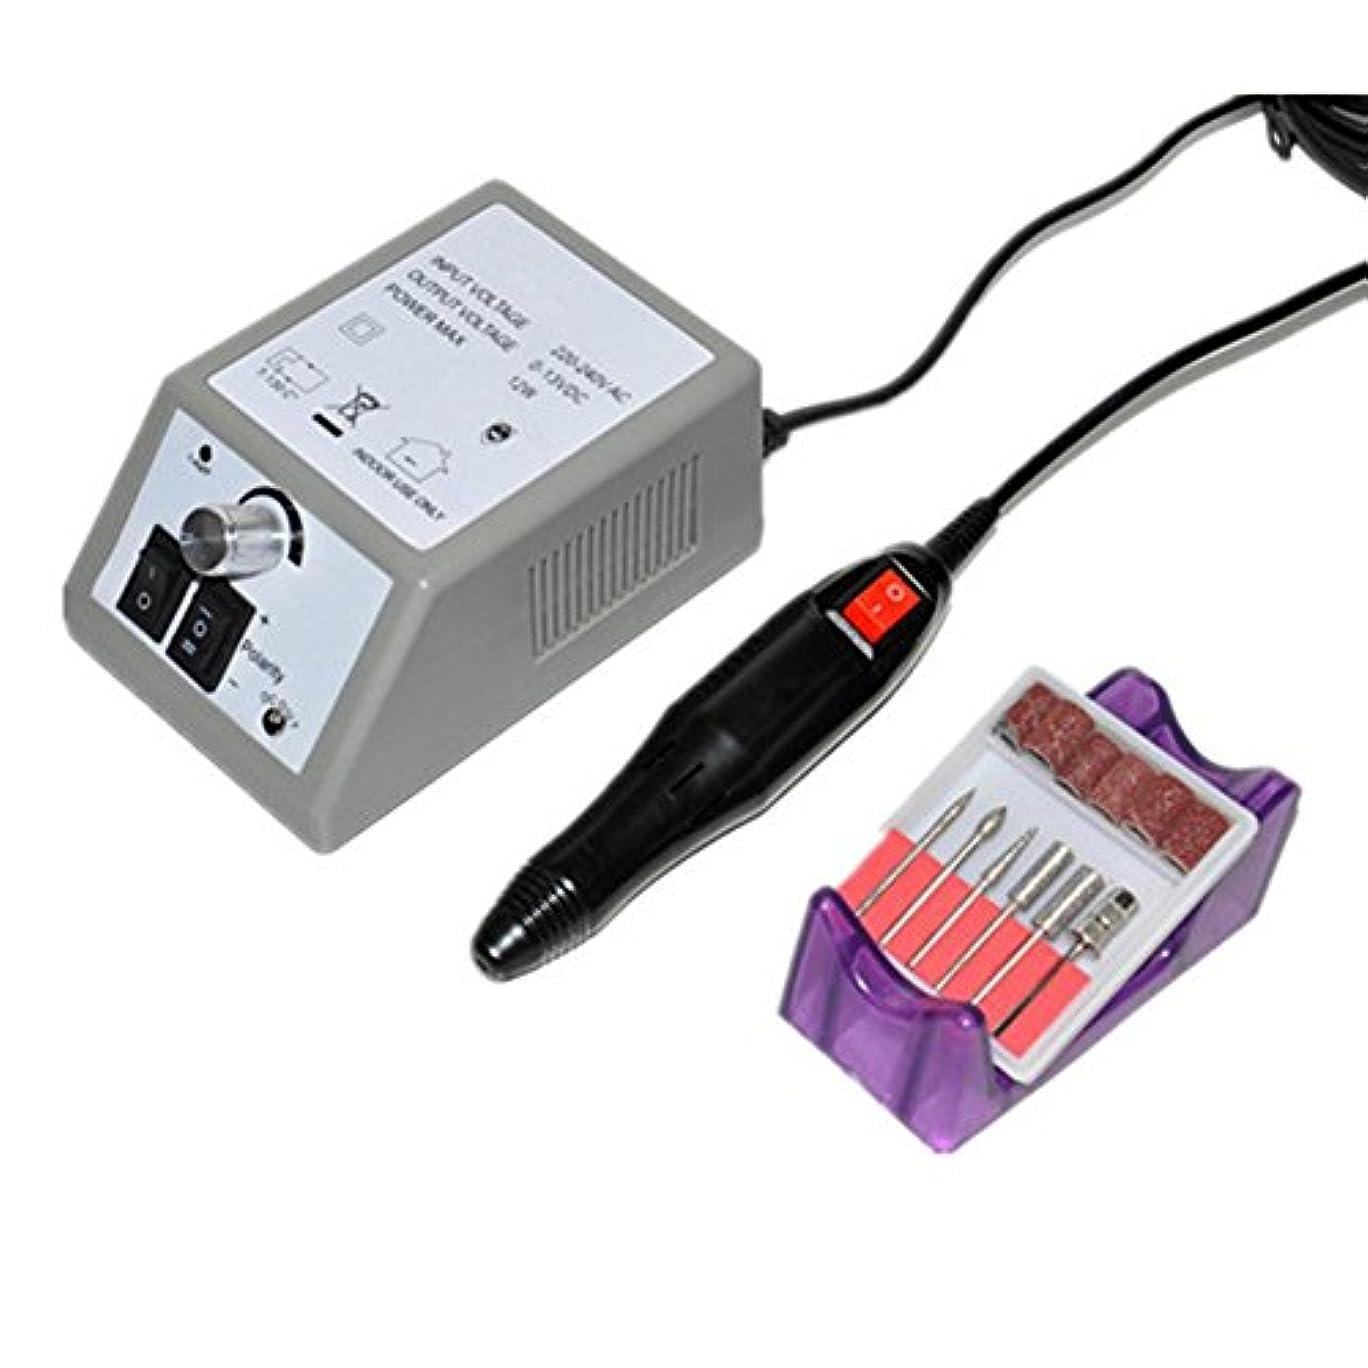 熟考するいくつかの加入Liebeye 電子 ネイル ドリル セット マニキュア ペディキュア 研削 バーニング マシン アート ファイルドリル ポリッシャー